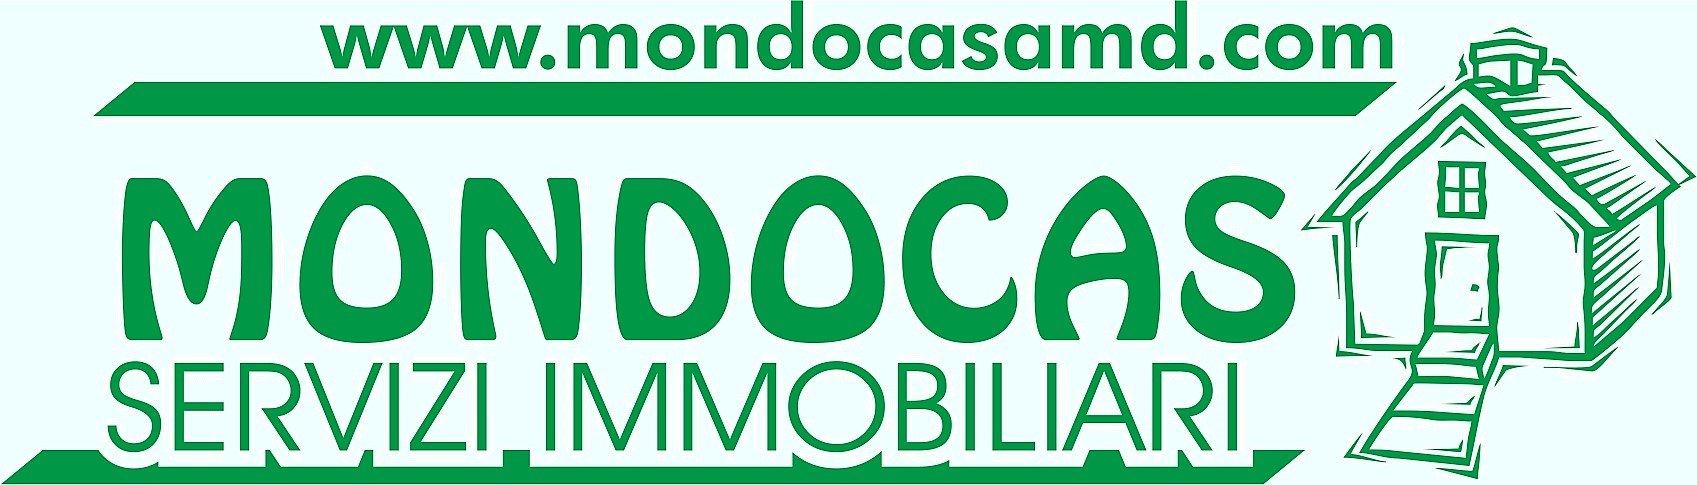 MONDO CASA SERVIZI IMMOBILIARI